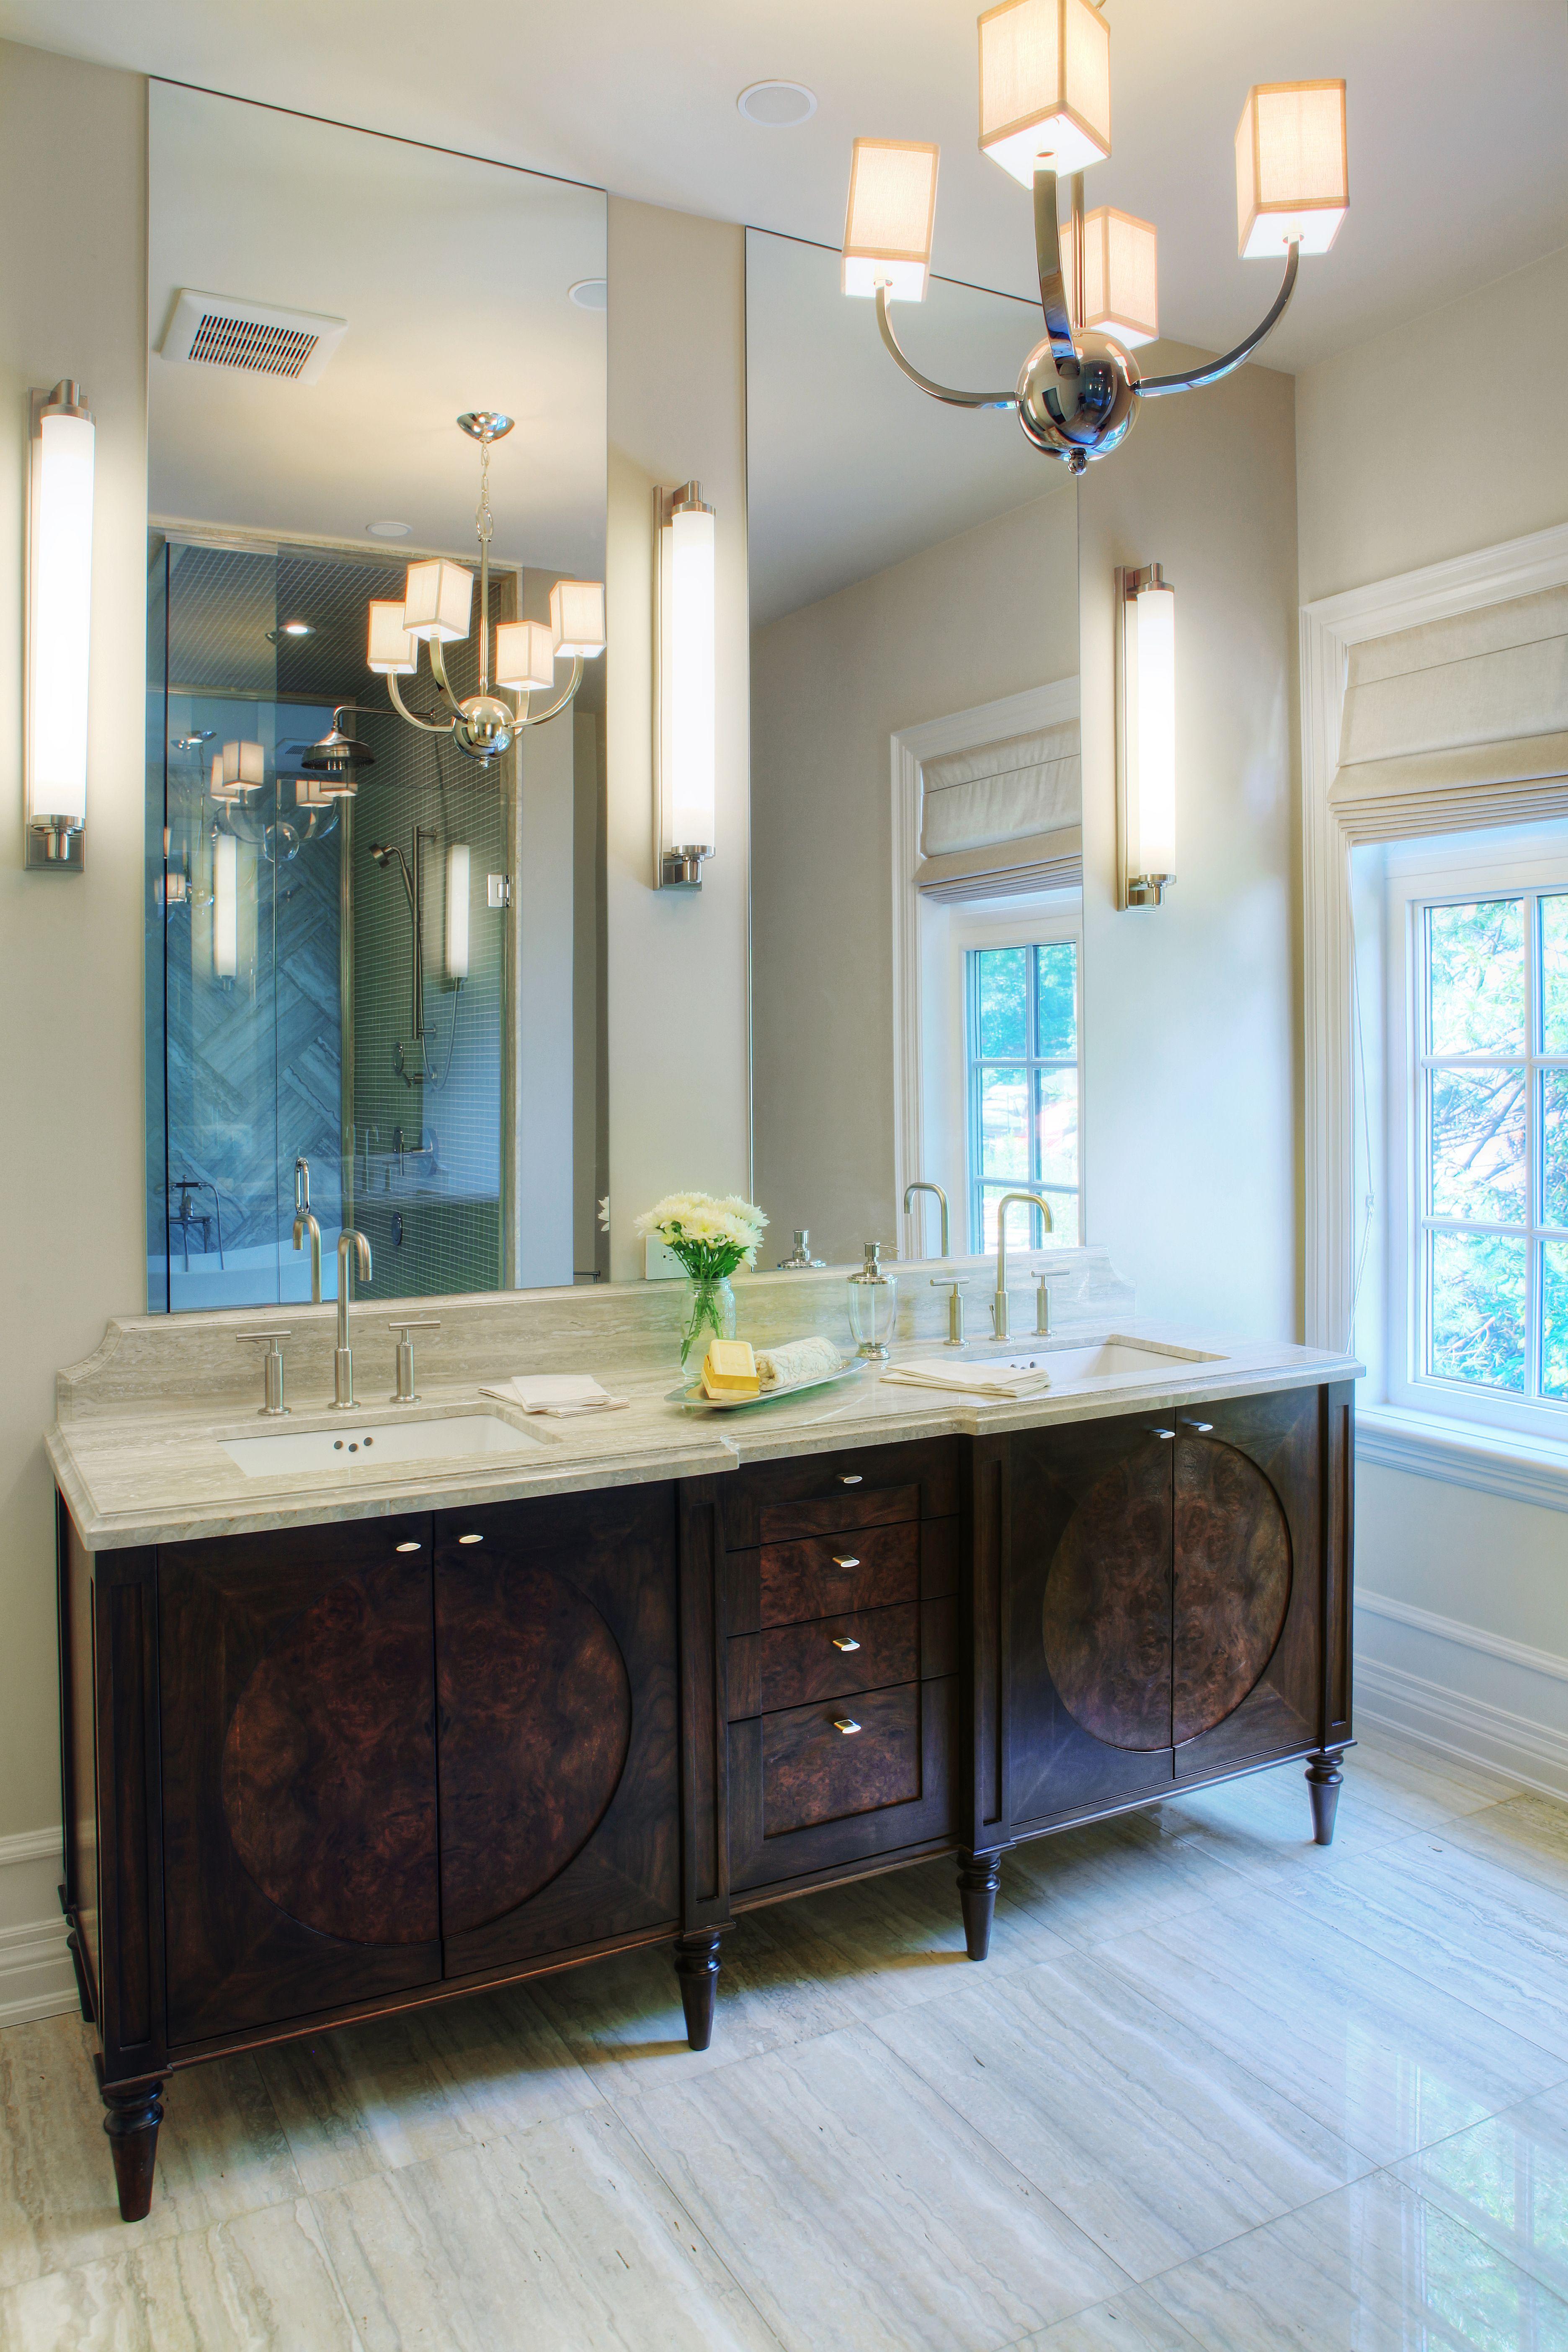 Polished EnSuite in Oakville European bathroom design